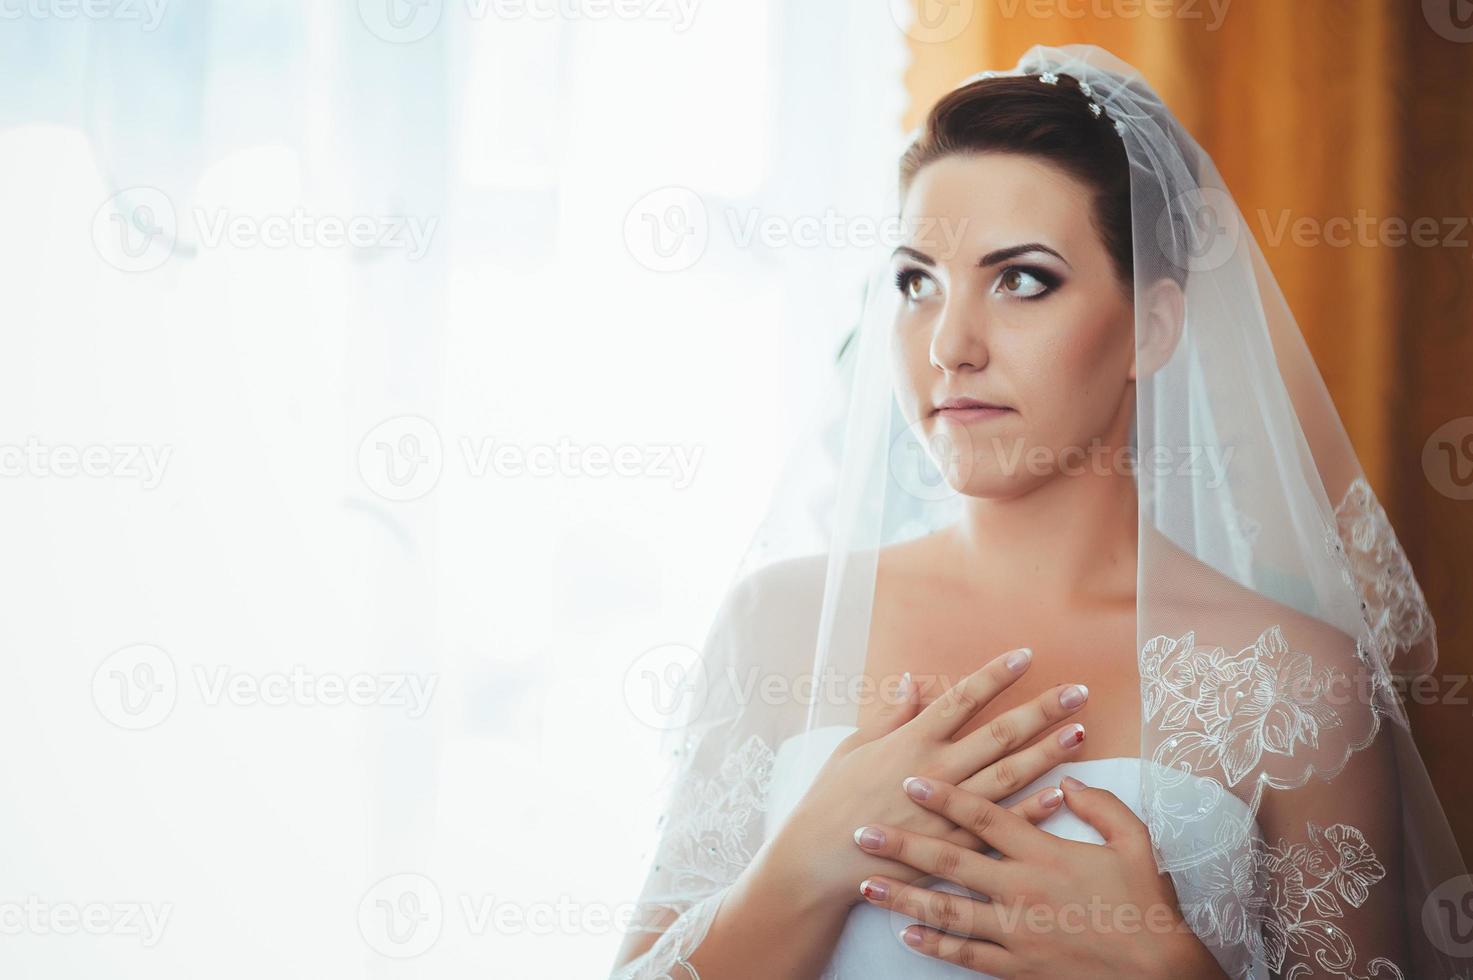 belle mariée se prépare en robe de mariée blanche avec coiffure photo